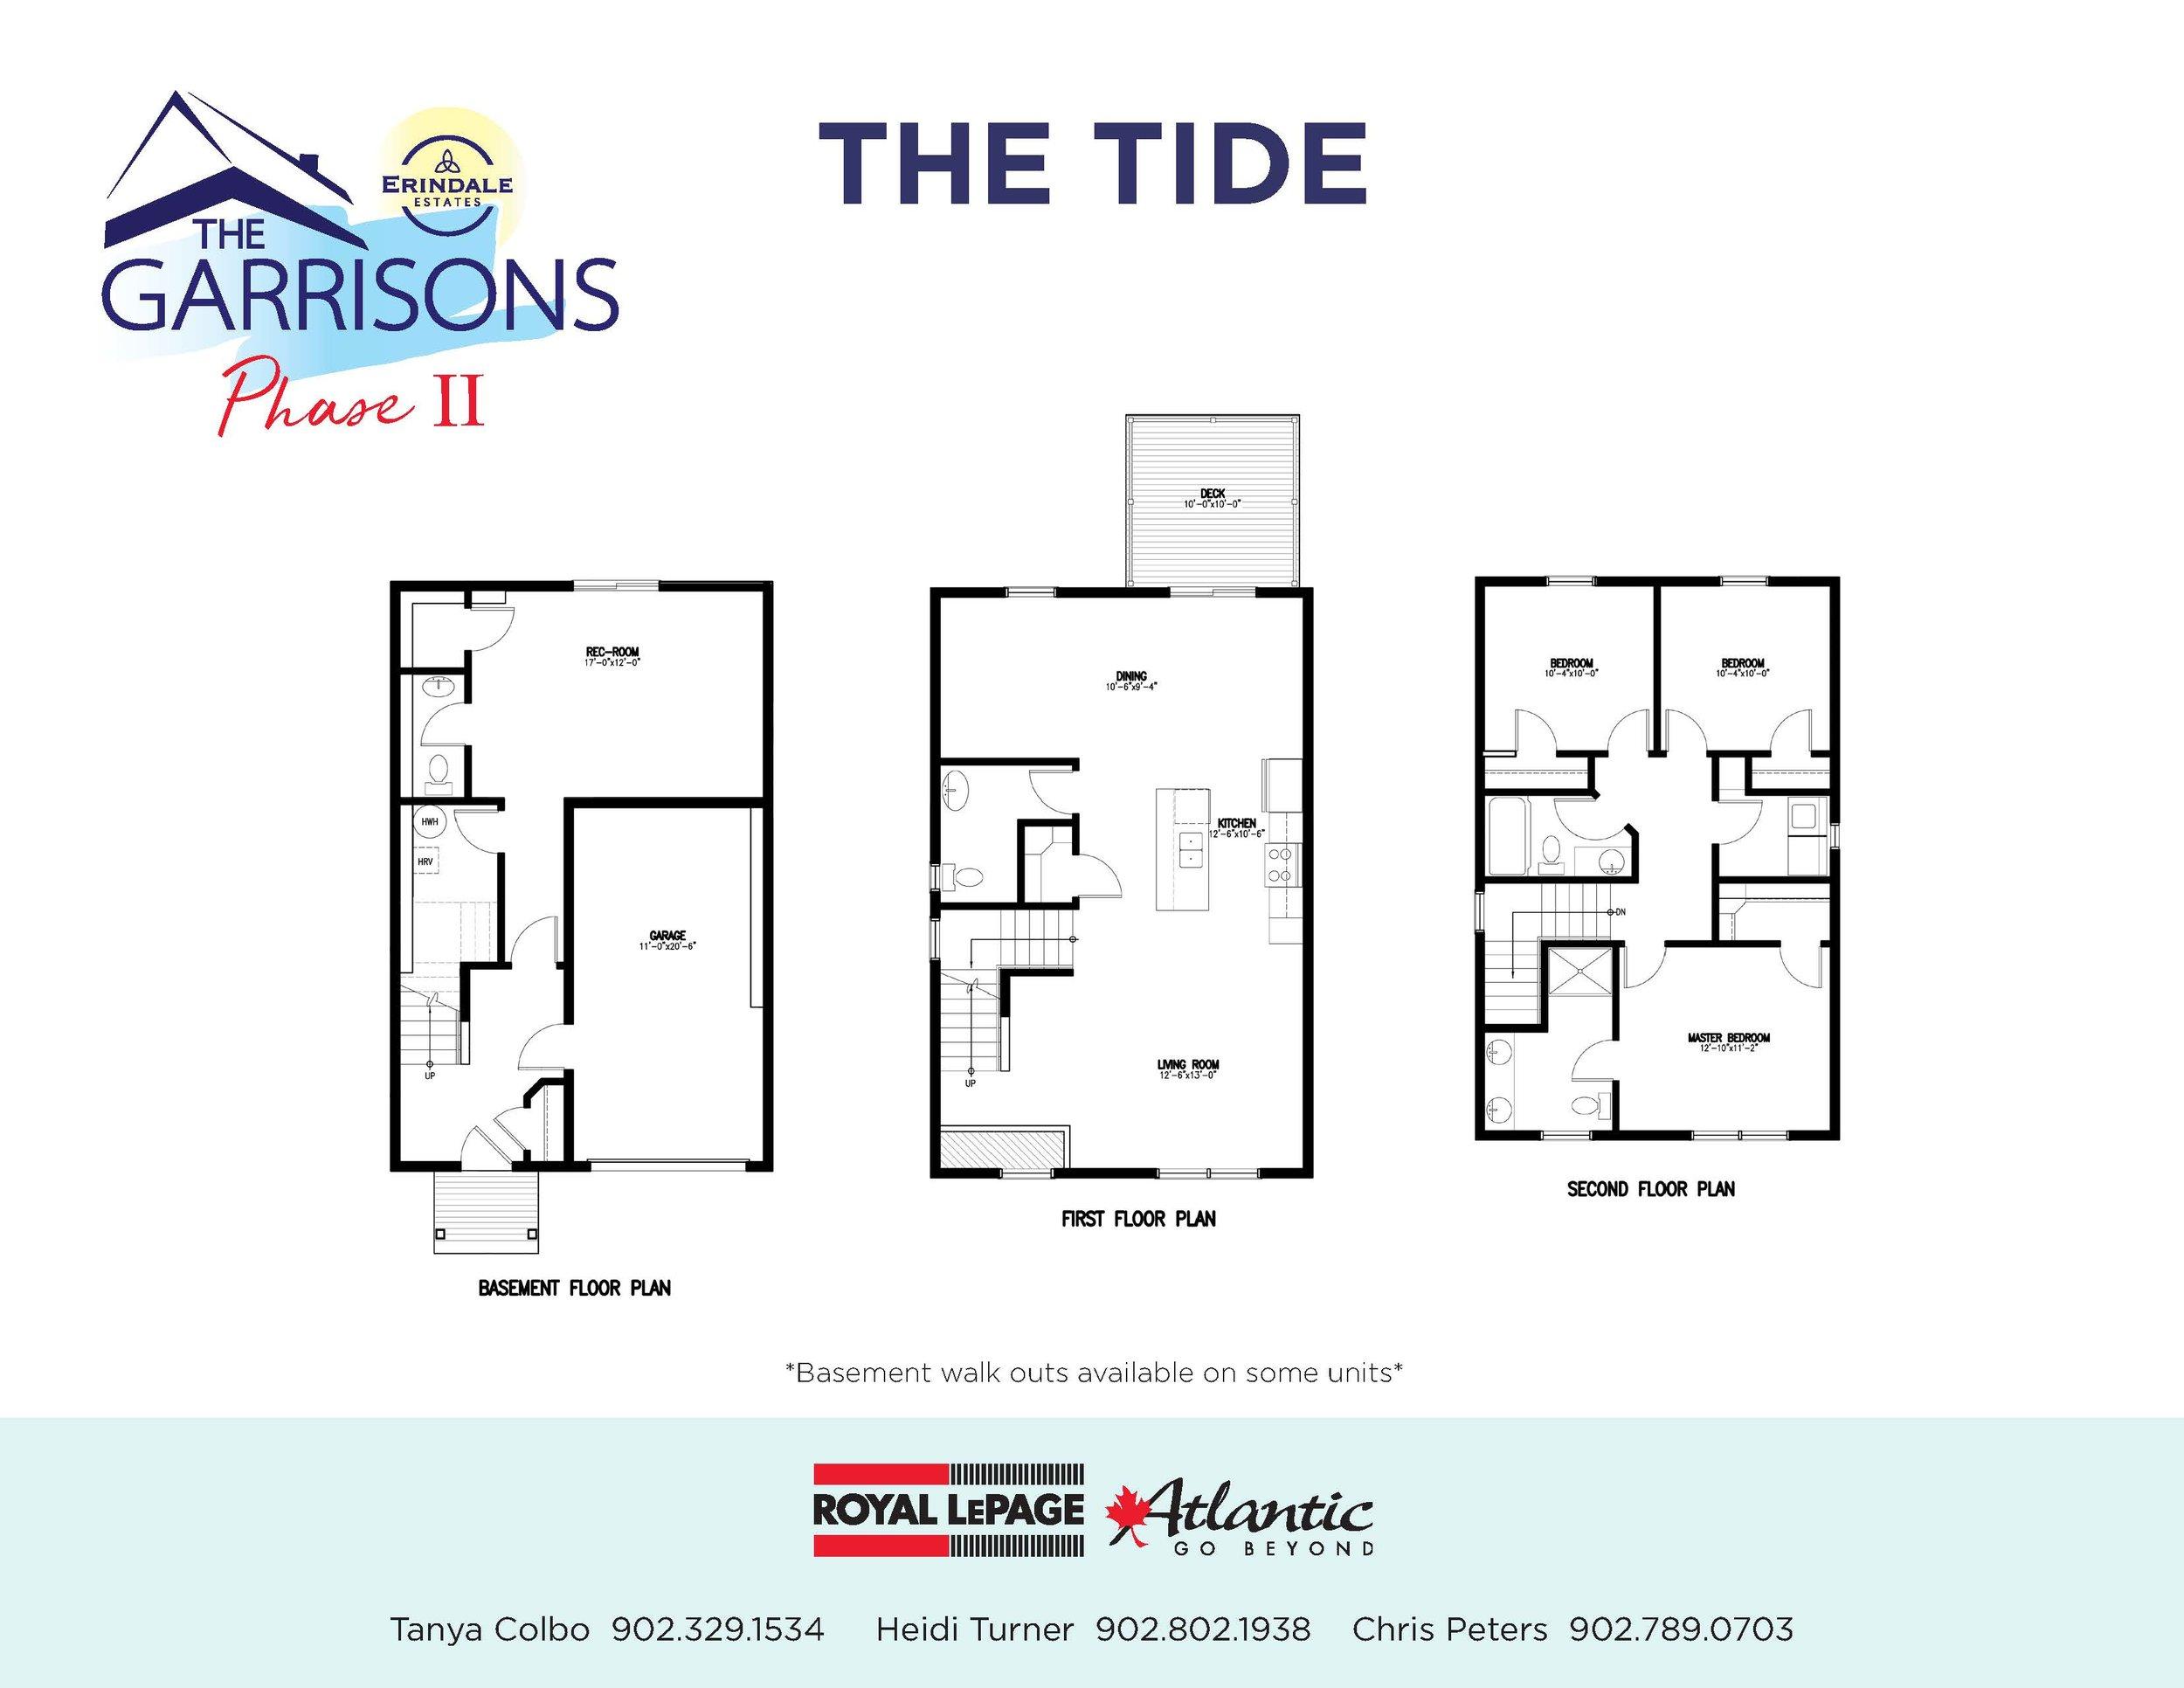 Garrison Floor Plans_Phase 2_The Tide.jpg